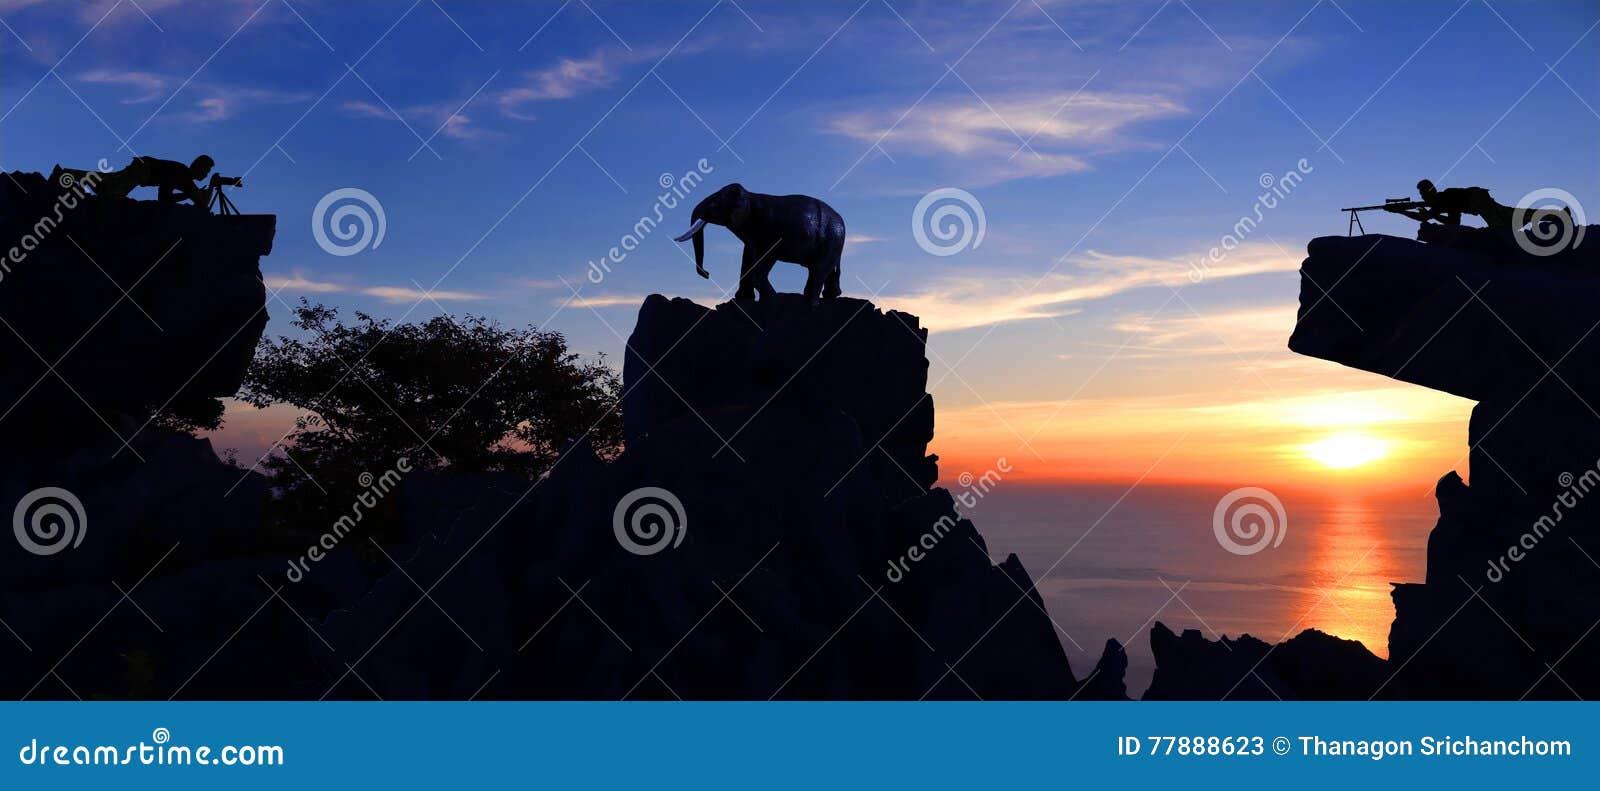 Hombre Que Tira Un Elefante En La Montaña Foto de archivo